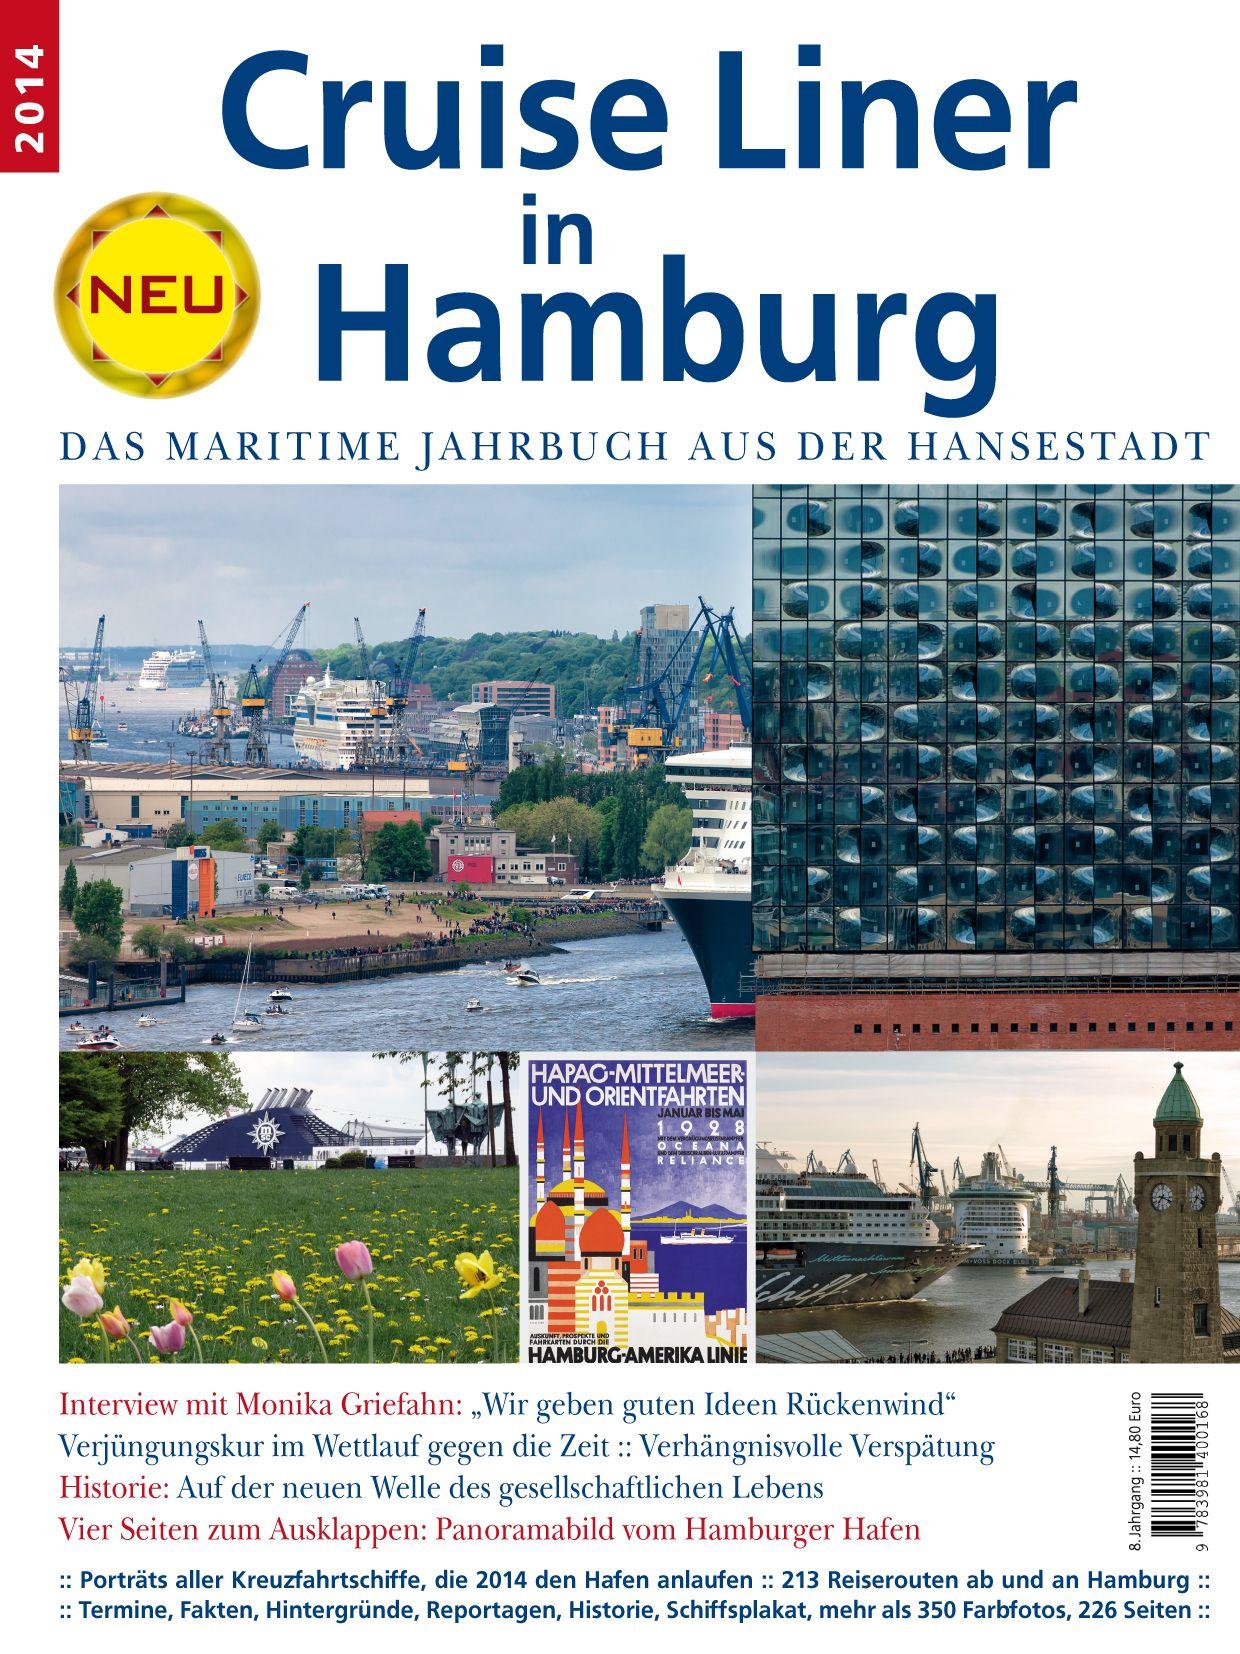 Hamburg entwickelt sich immer mehr zum attraktiven Kreuzfahrtziel